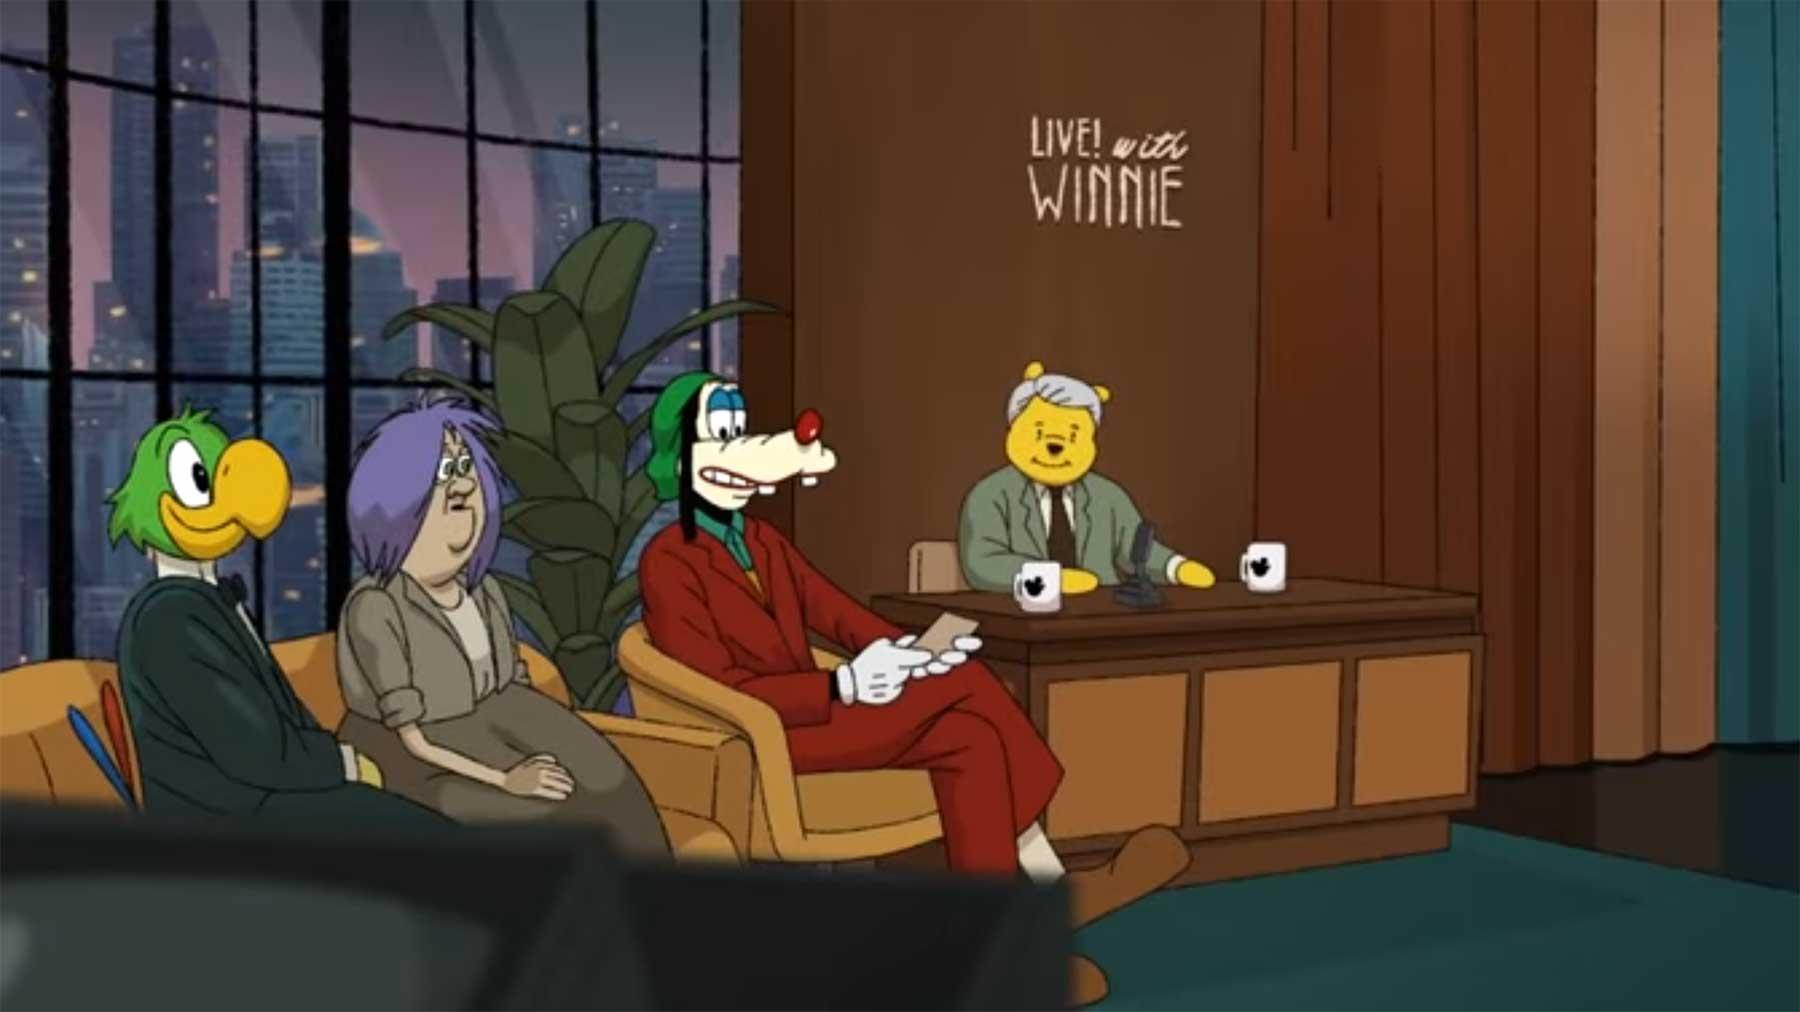 """Die finale """"Joker""""-Szene mit Goofy und Winnie Puuh joker-szene-mit-goofy-und-winnie-puuh"""